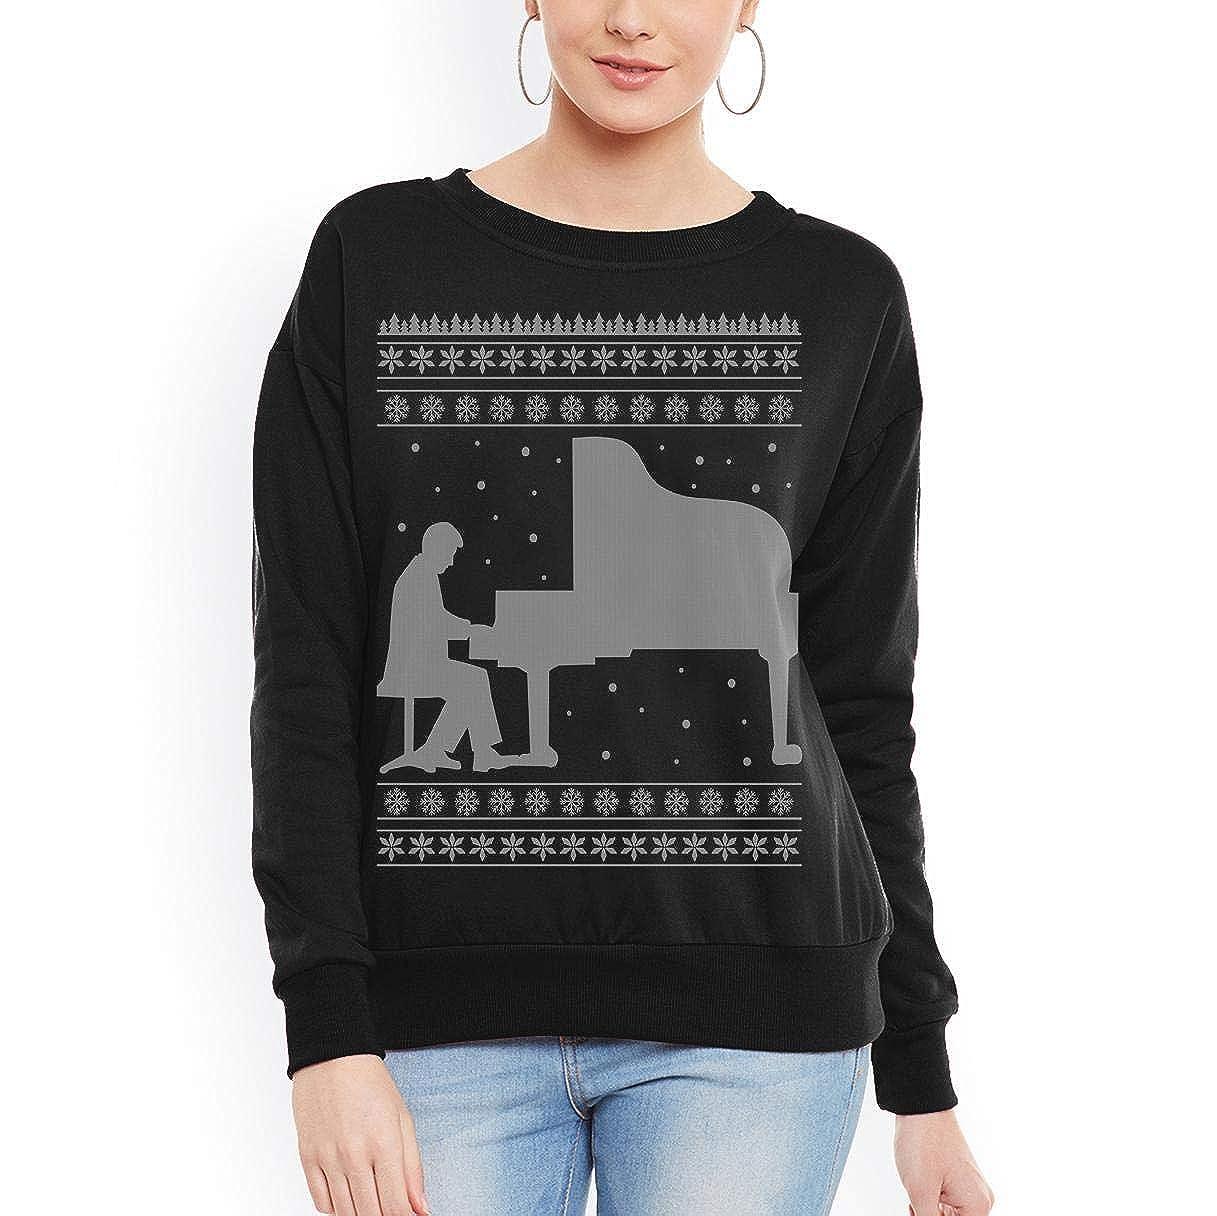 Piano Player Ugly Sweater Christmas Unisex Sweatshirt tee